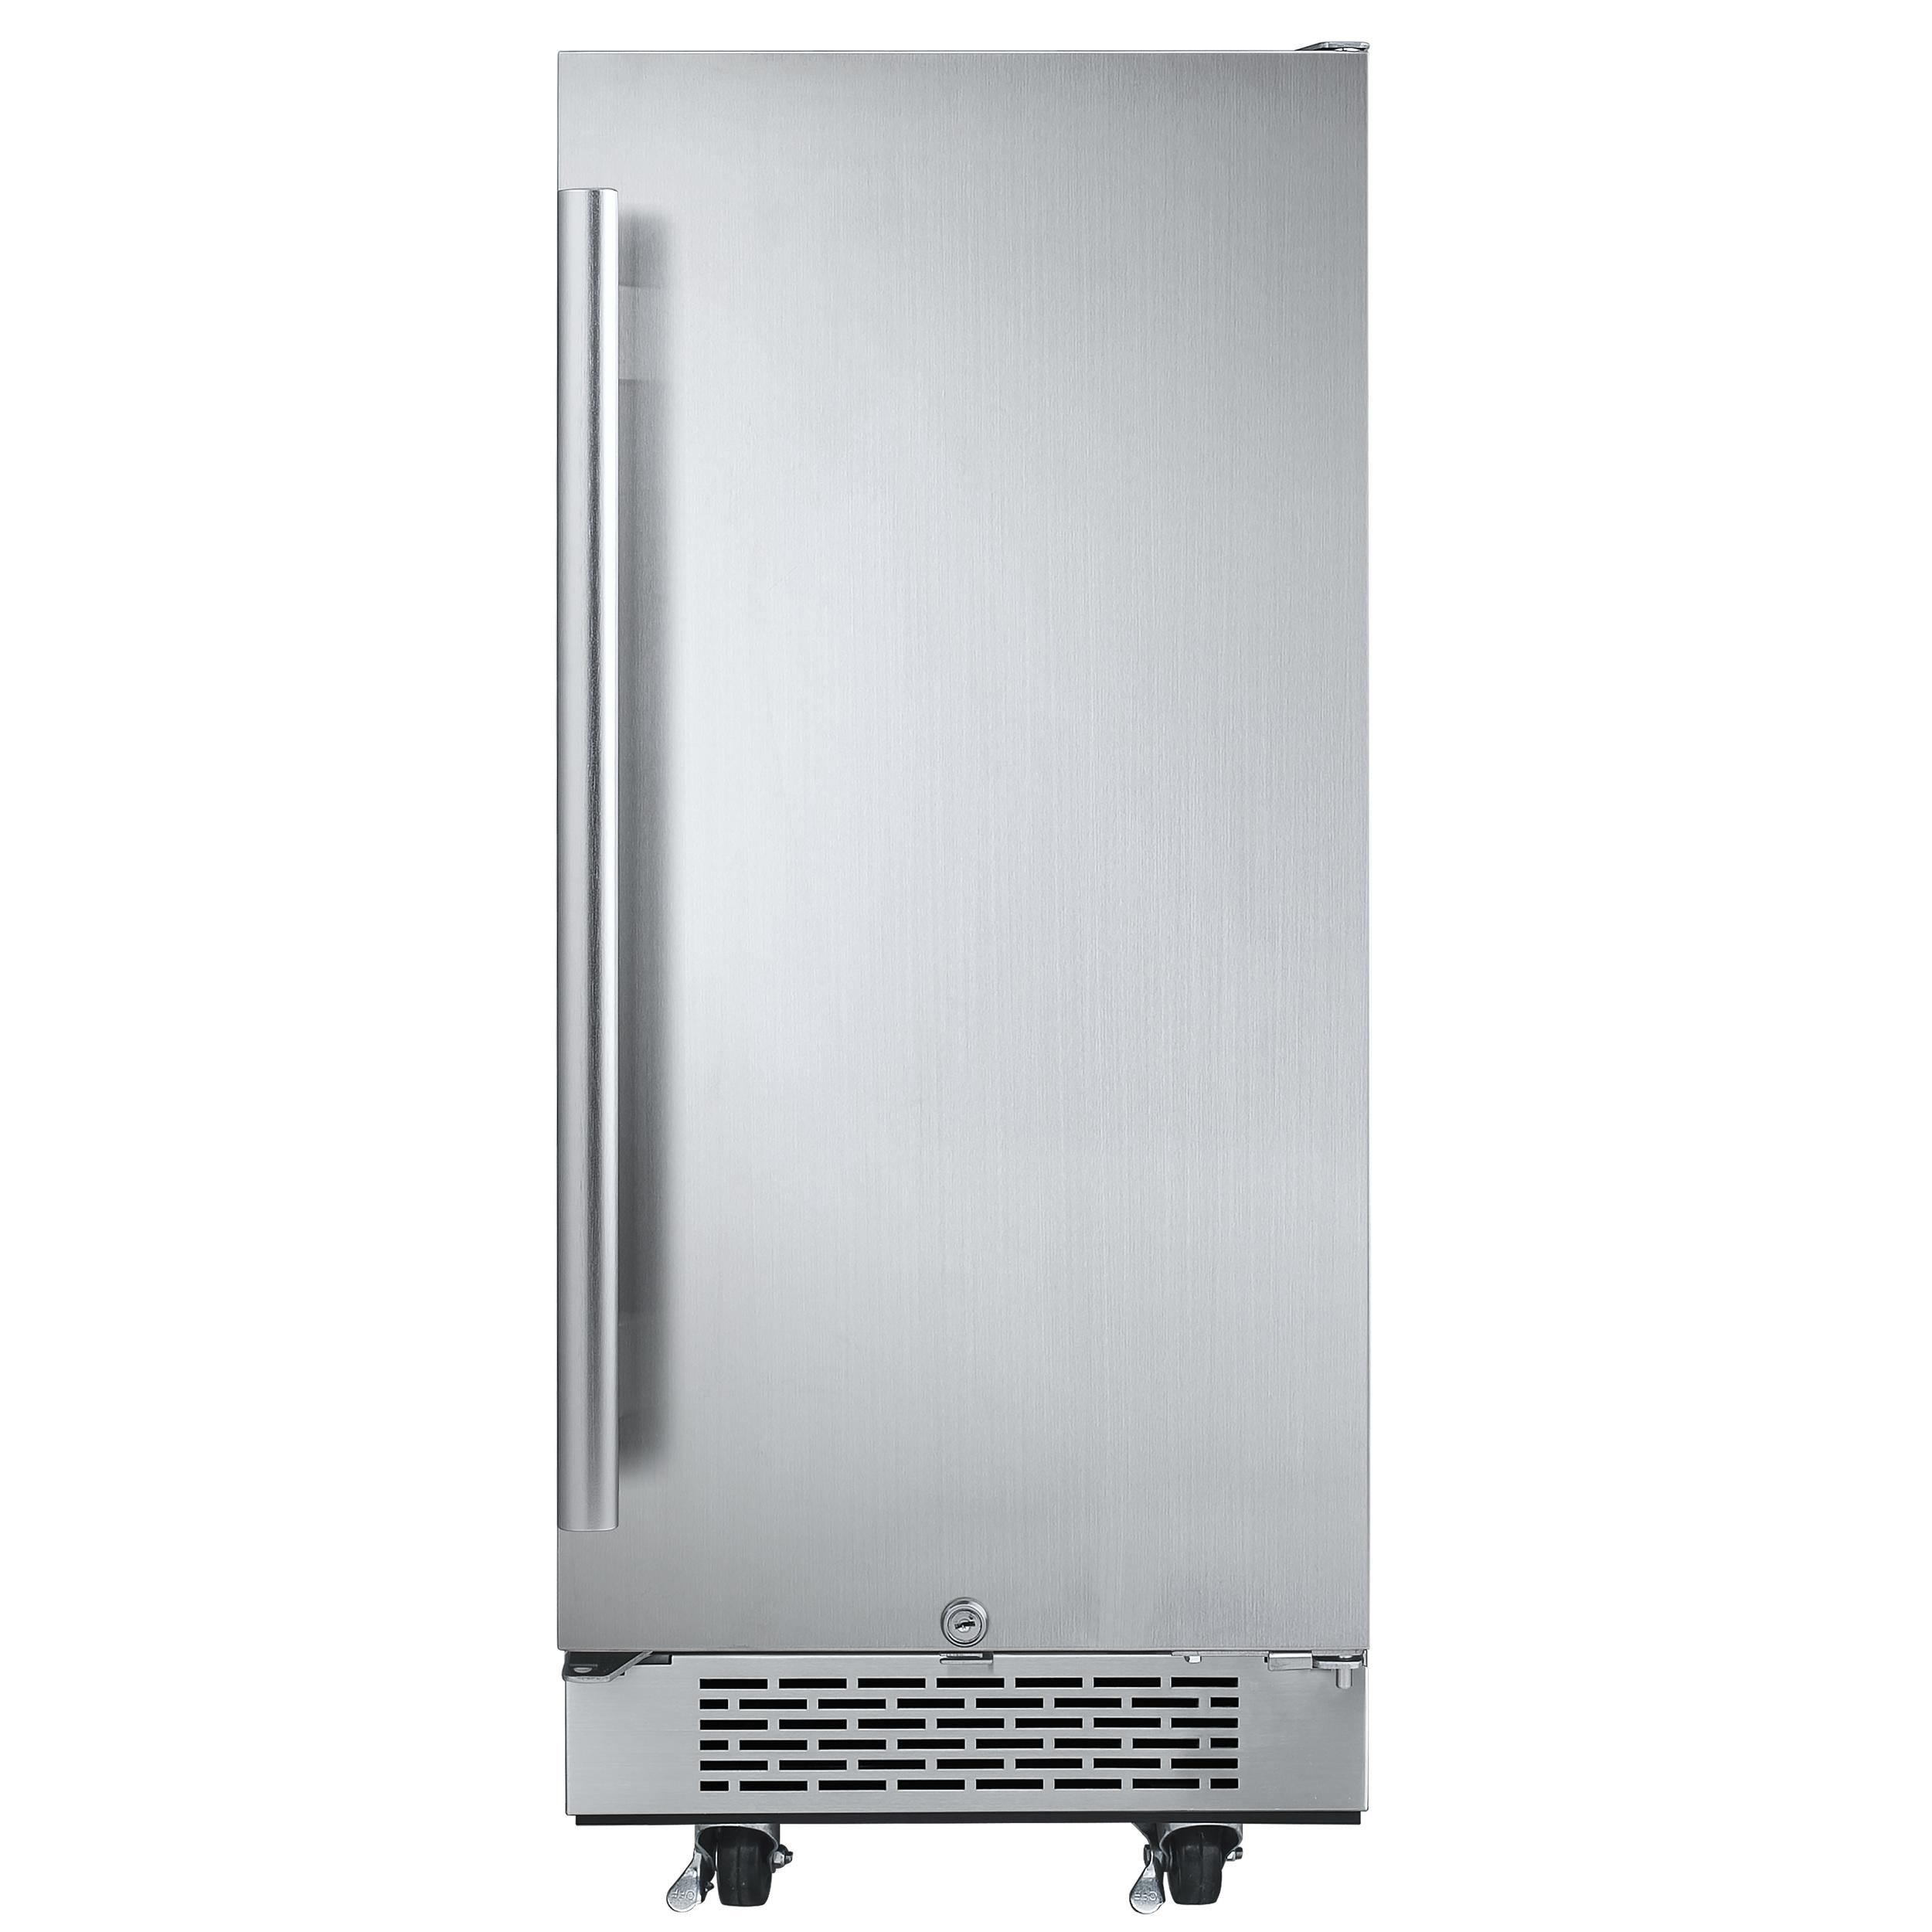 AFR151SSOD Avallon 3.3 Cu Ft Built-In Outdoor Refrigerator